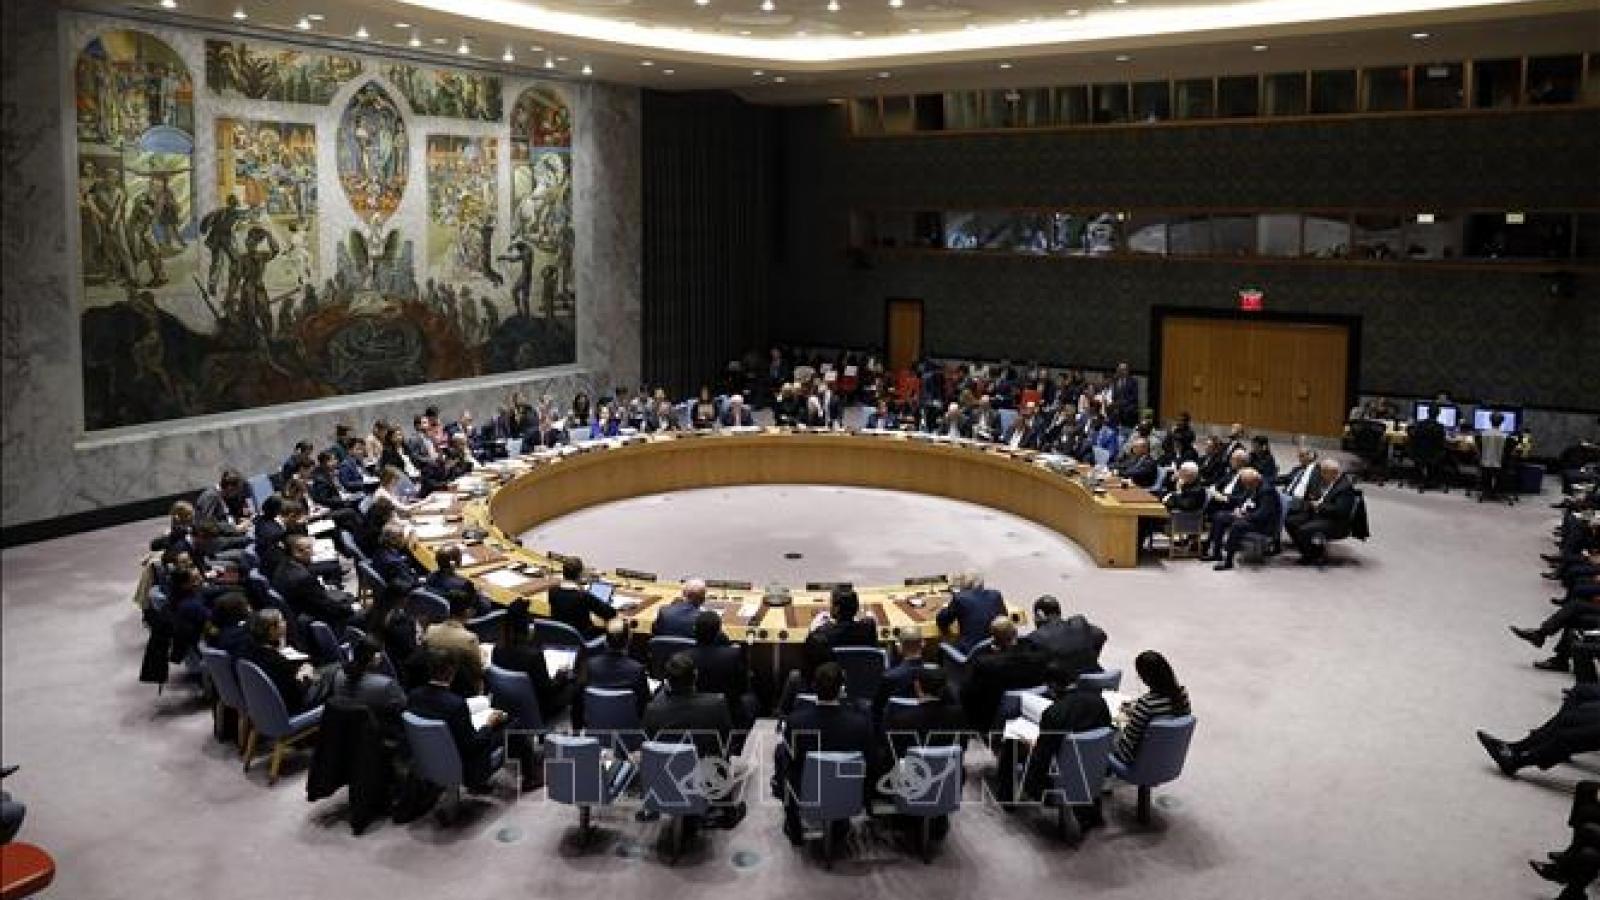 Hội đồng Bảo an Liên Hợp Quốc thông qua nghị quyết về Afghanistan